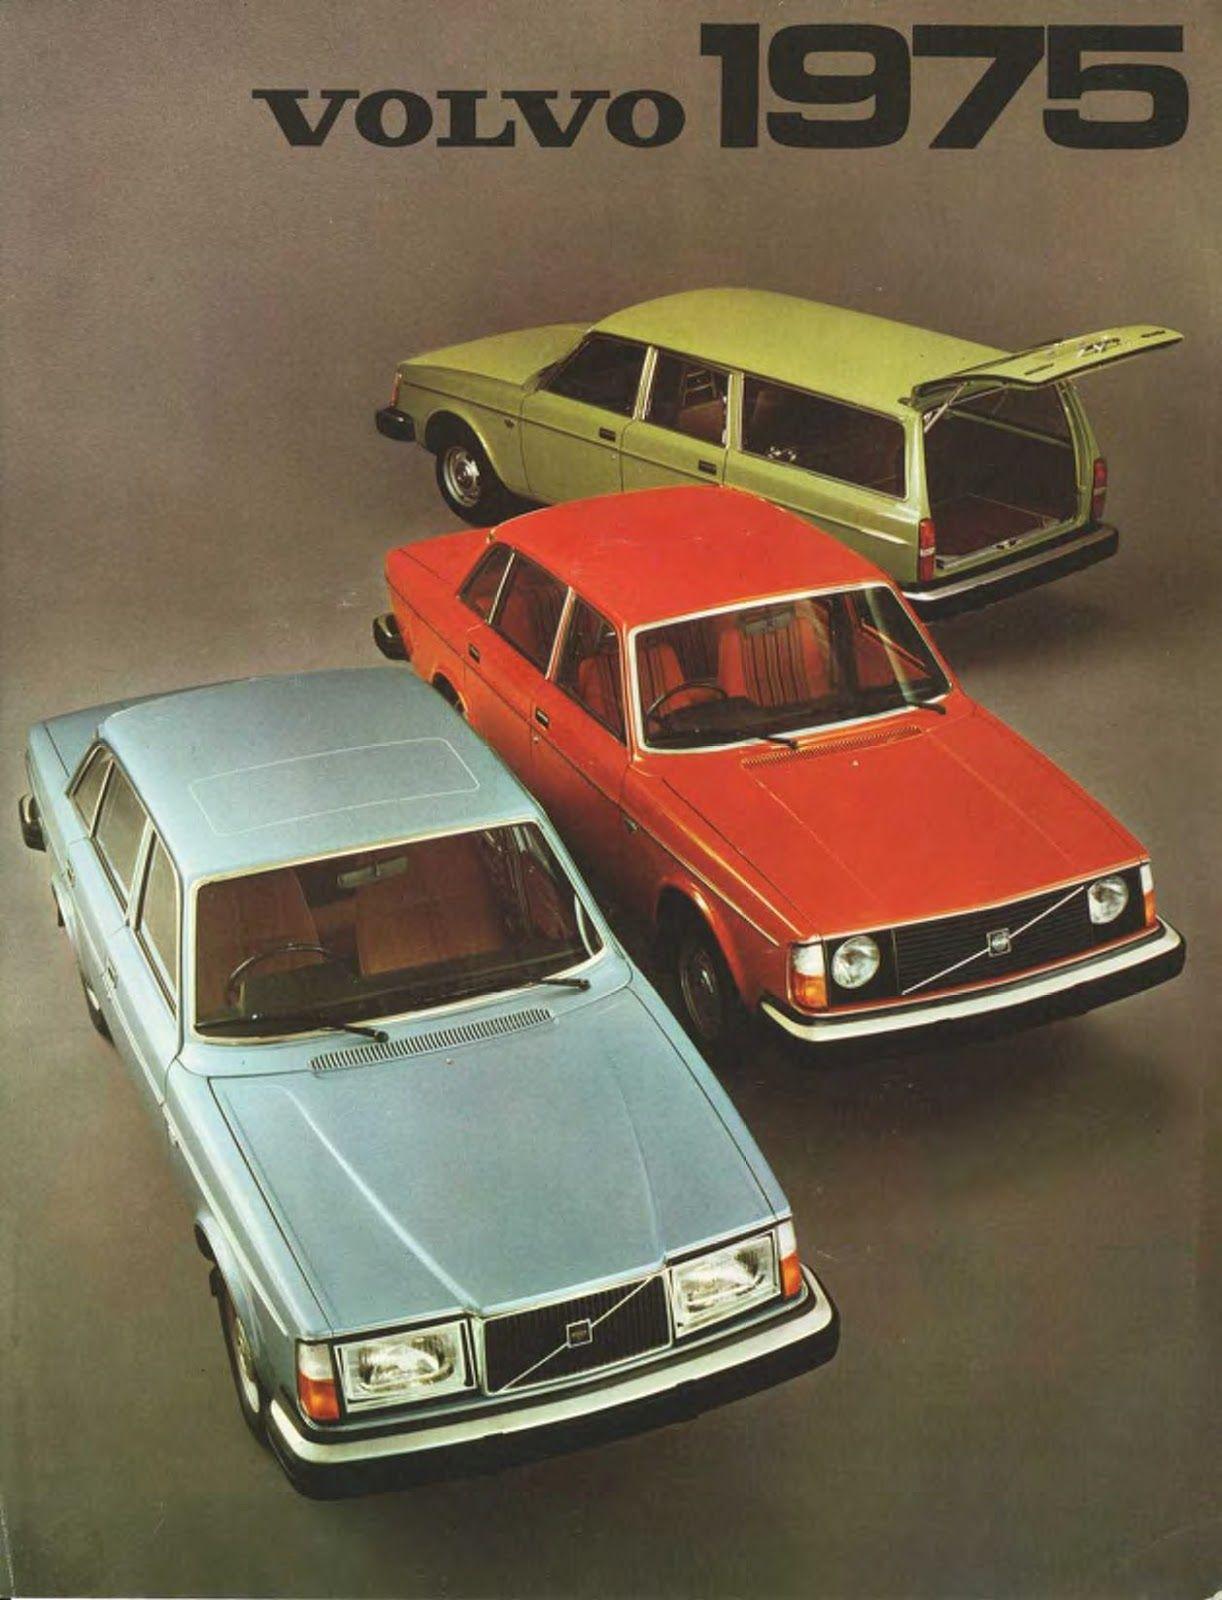 Volvo 1975 Volvo, Bil, Bilar